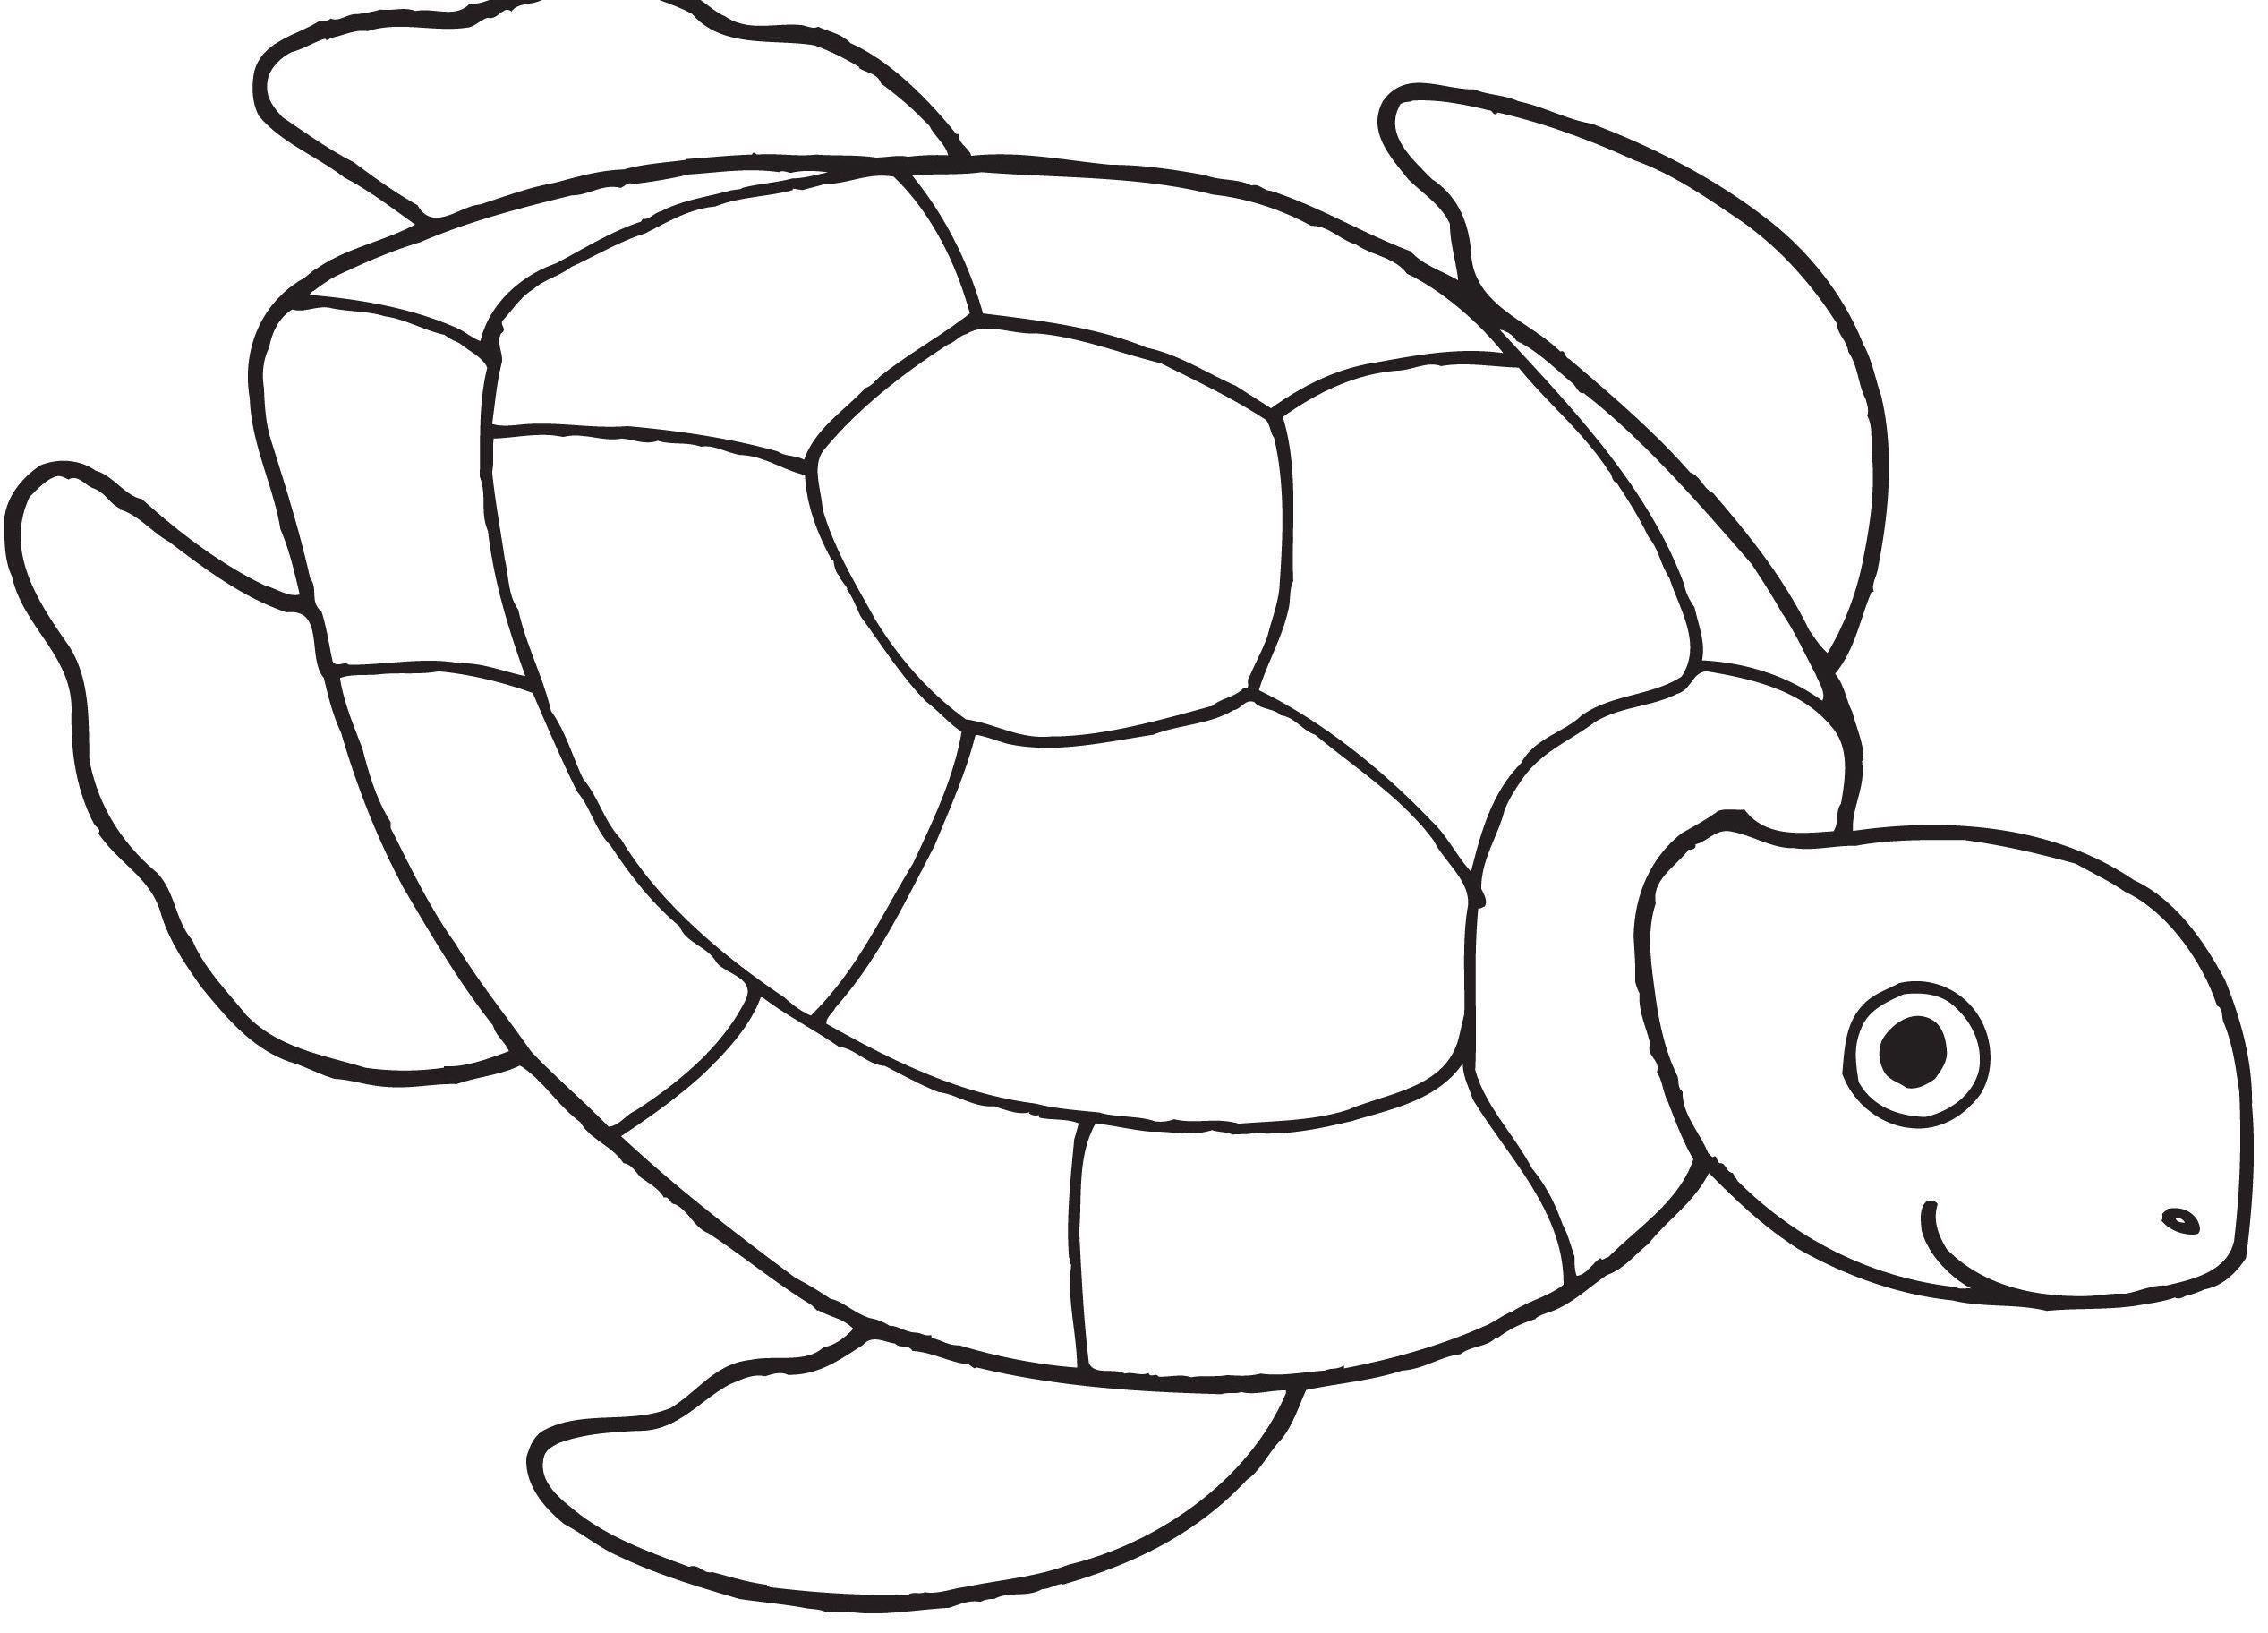 Printable Sea Turtle Template Guvecurid Schildpad Tekening Garen Knutselen Kinderen Vissen Tekenen